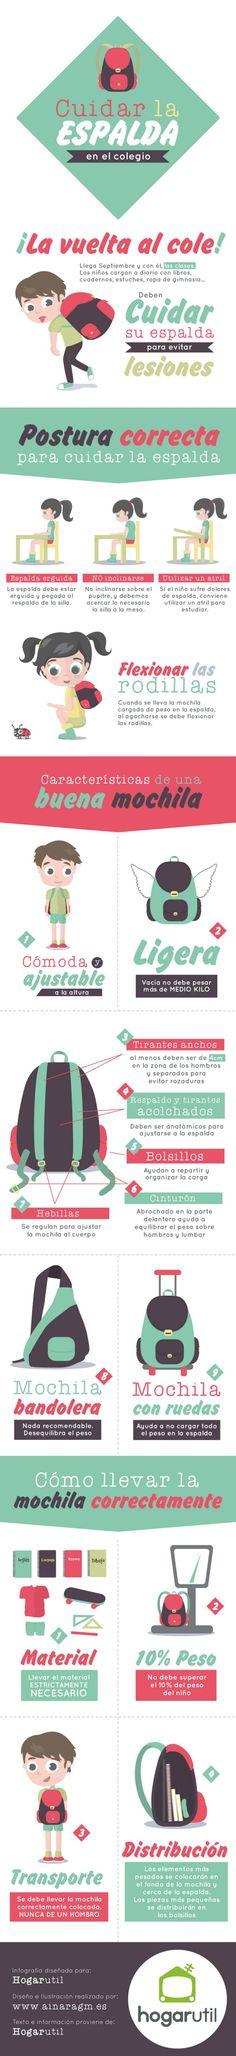 Infografía sobre cómo cuidar la espalda en el colegio #infografia #infographic #salud #health